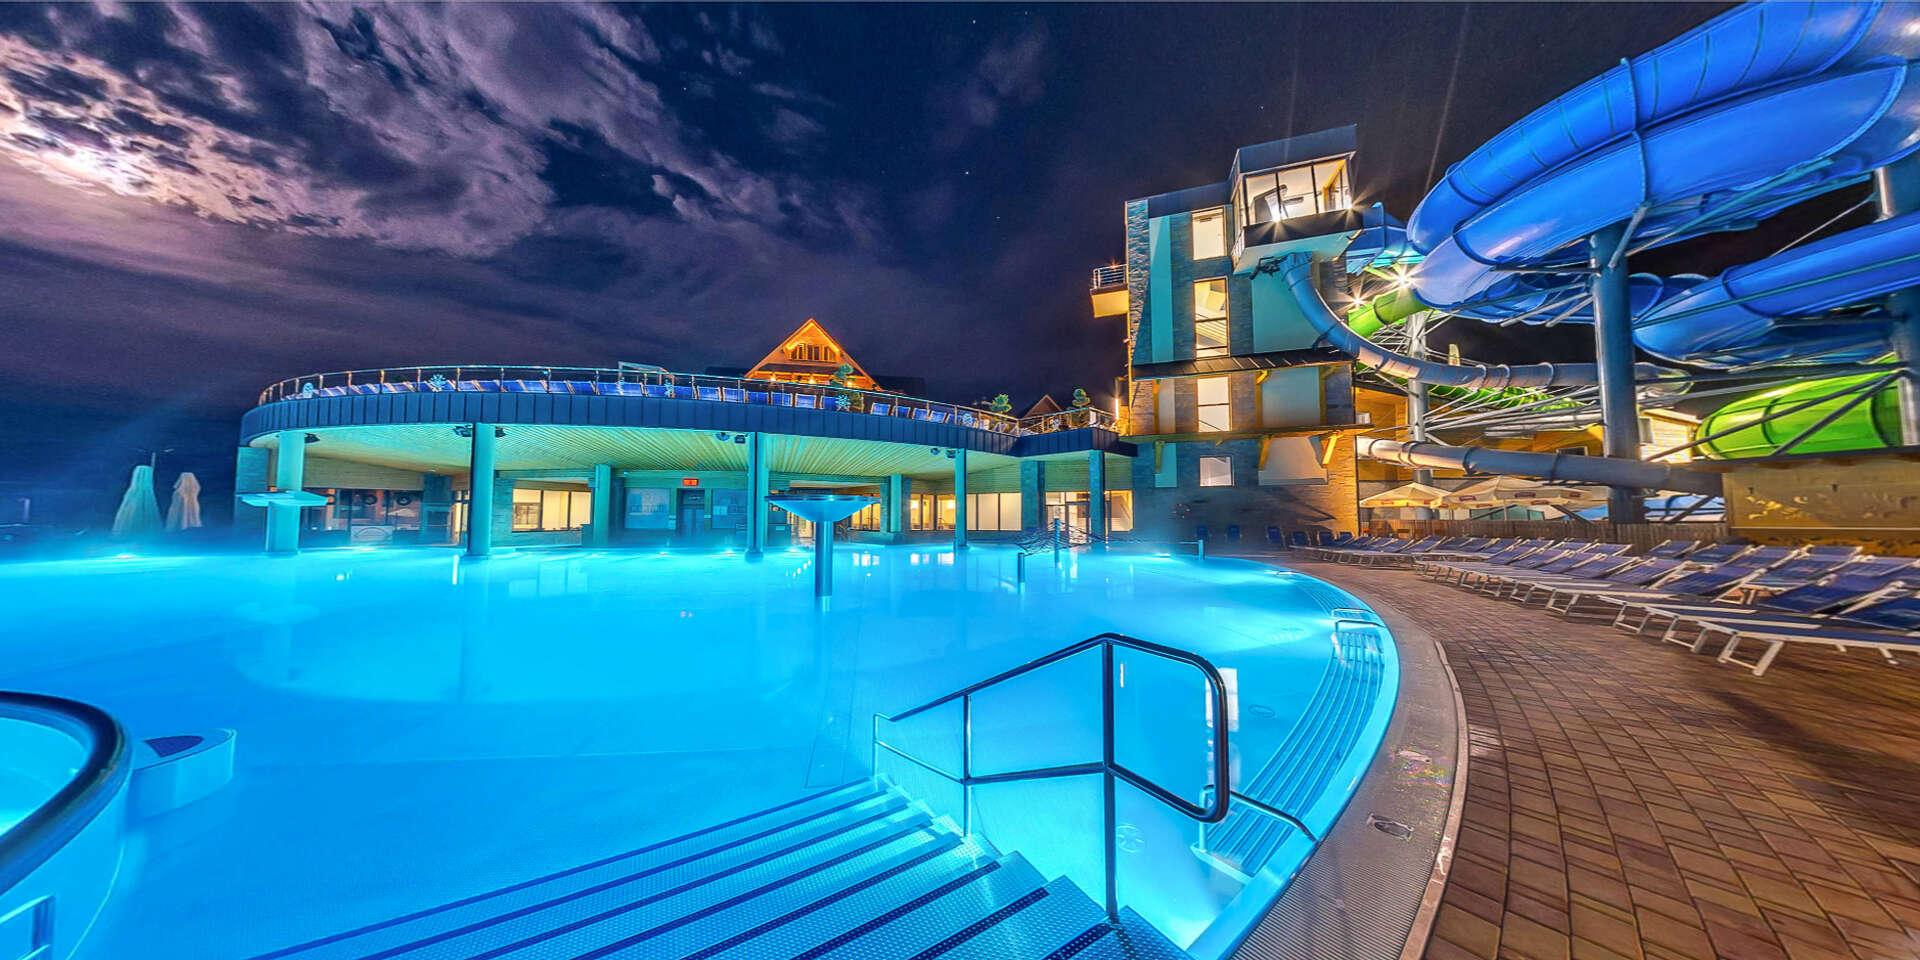 TOP poľský aquapark Chocholowskie Termy s 30 bazénmi na 2 poschodiach